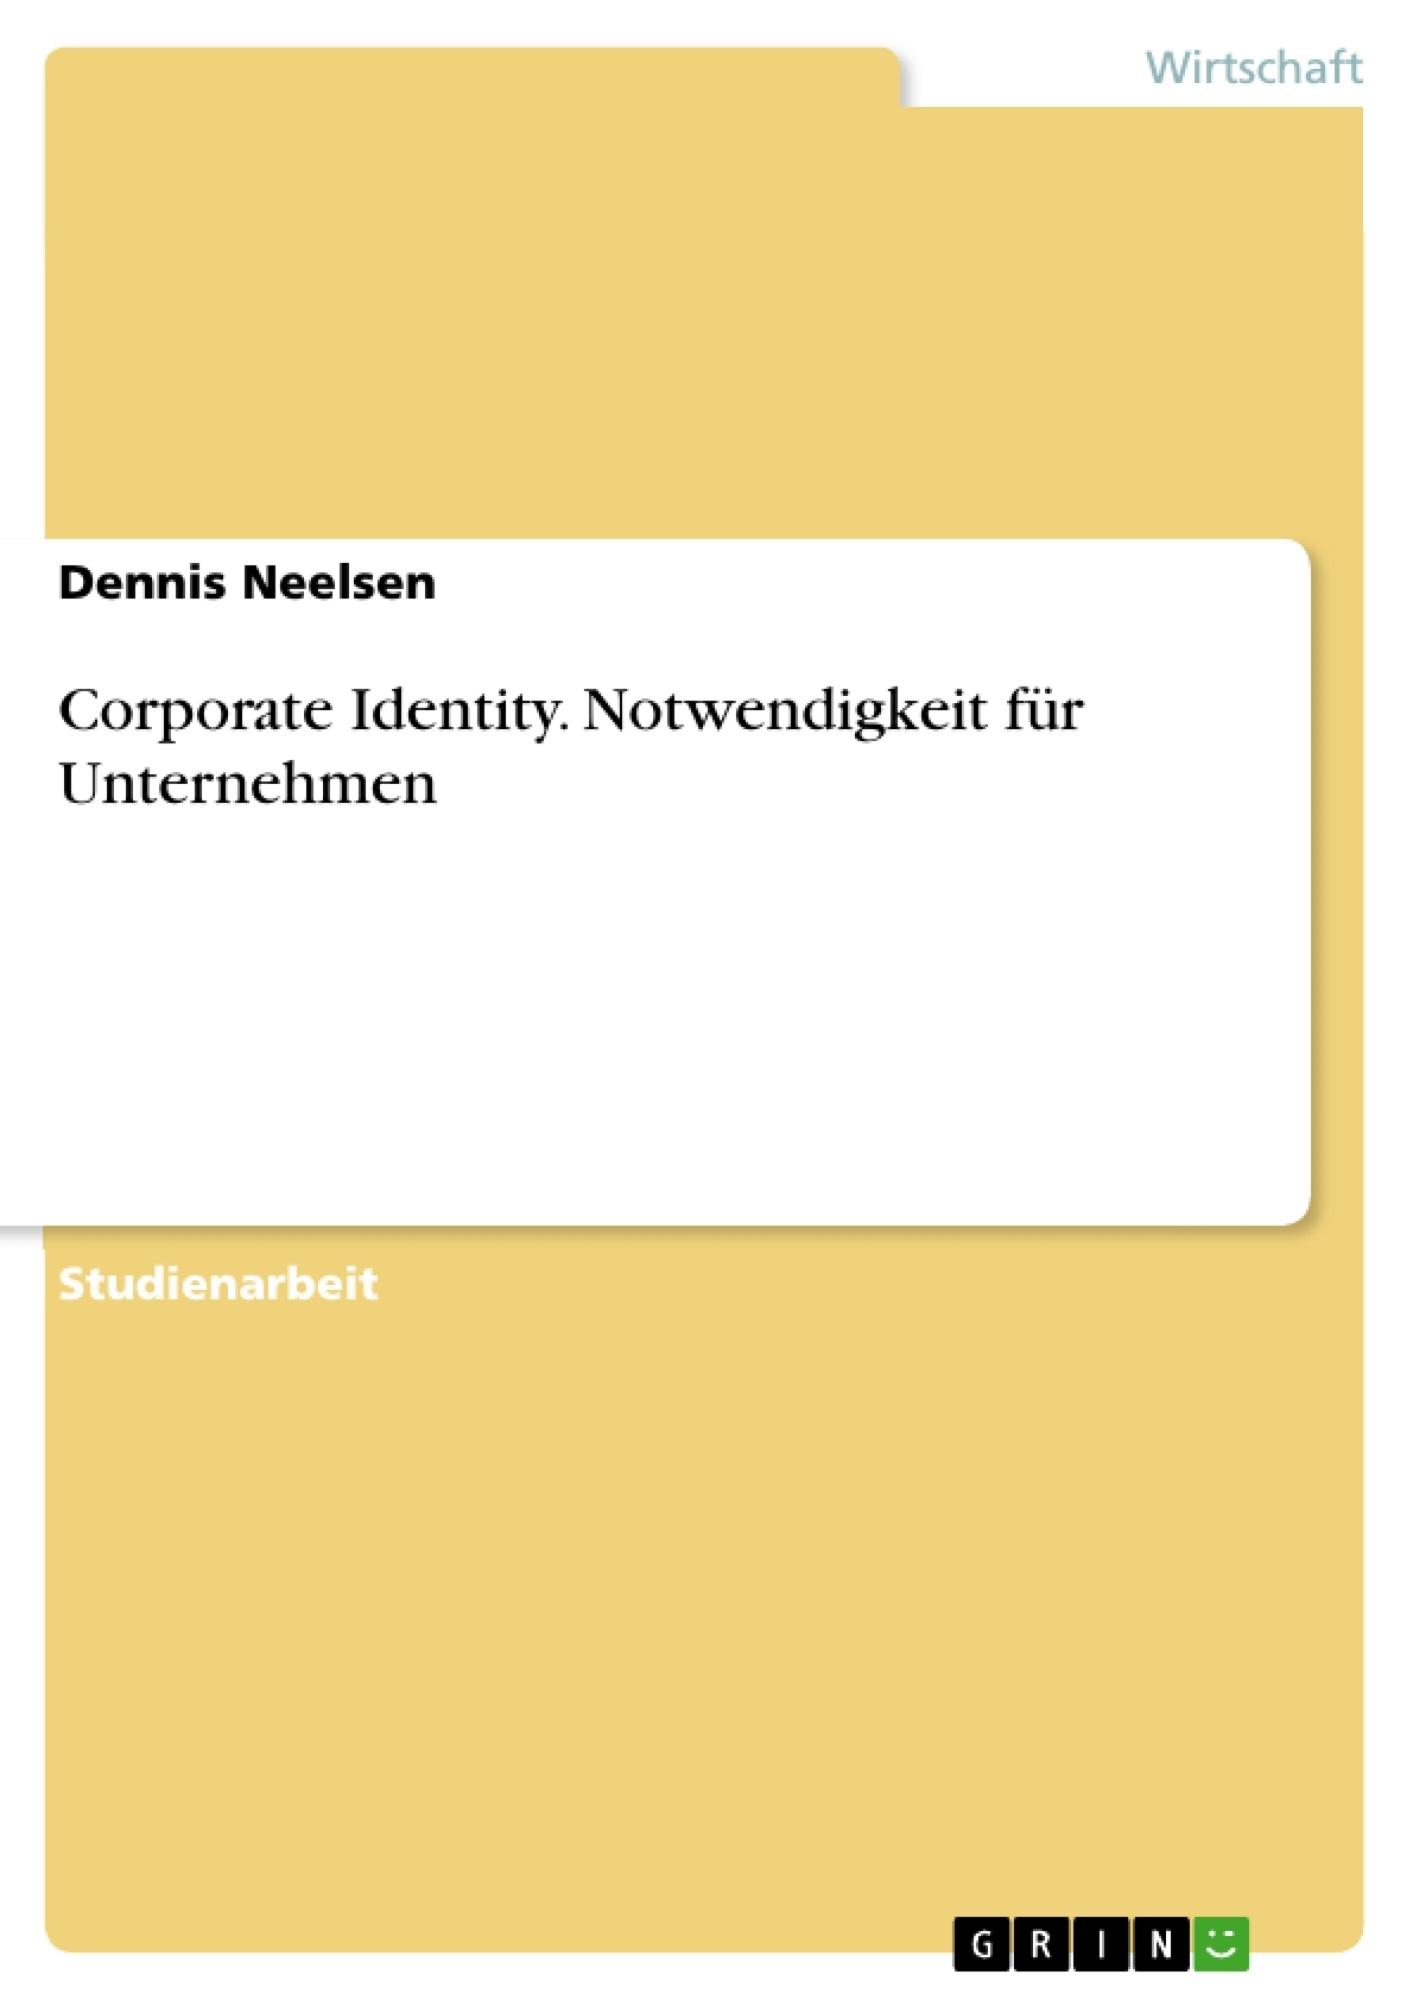 Titel: Corporate Identity. Notwendigkeit für Unternehmen